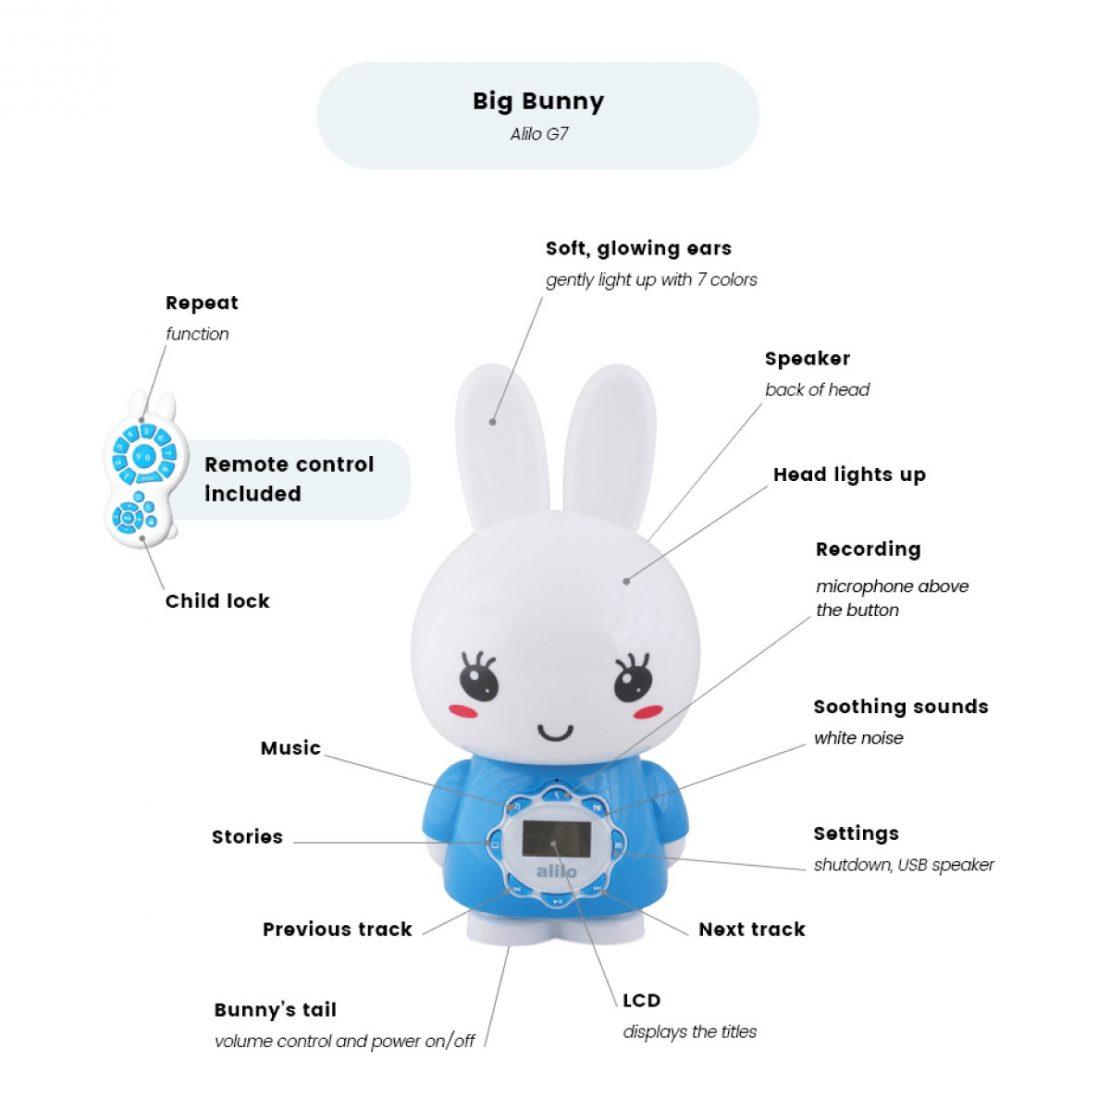 Alilo Big Bunny Features